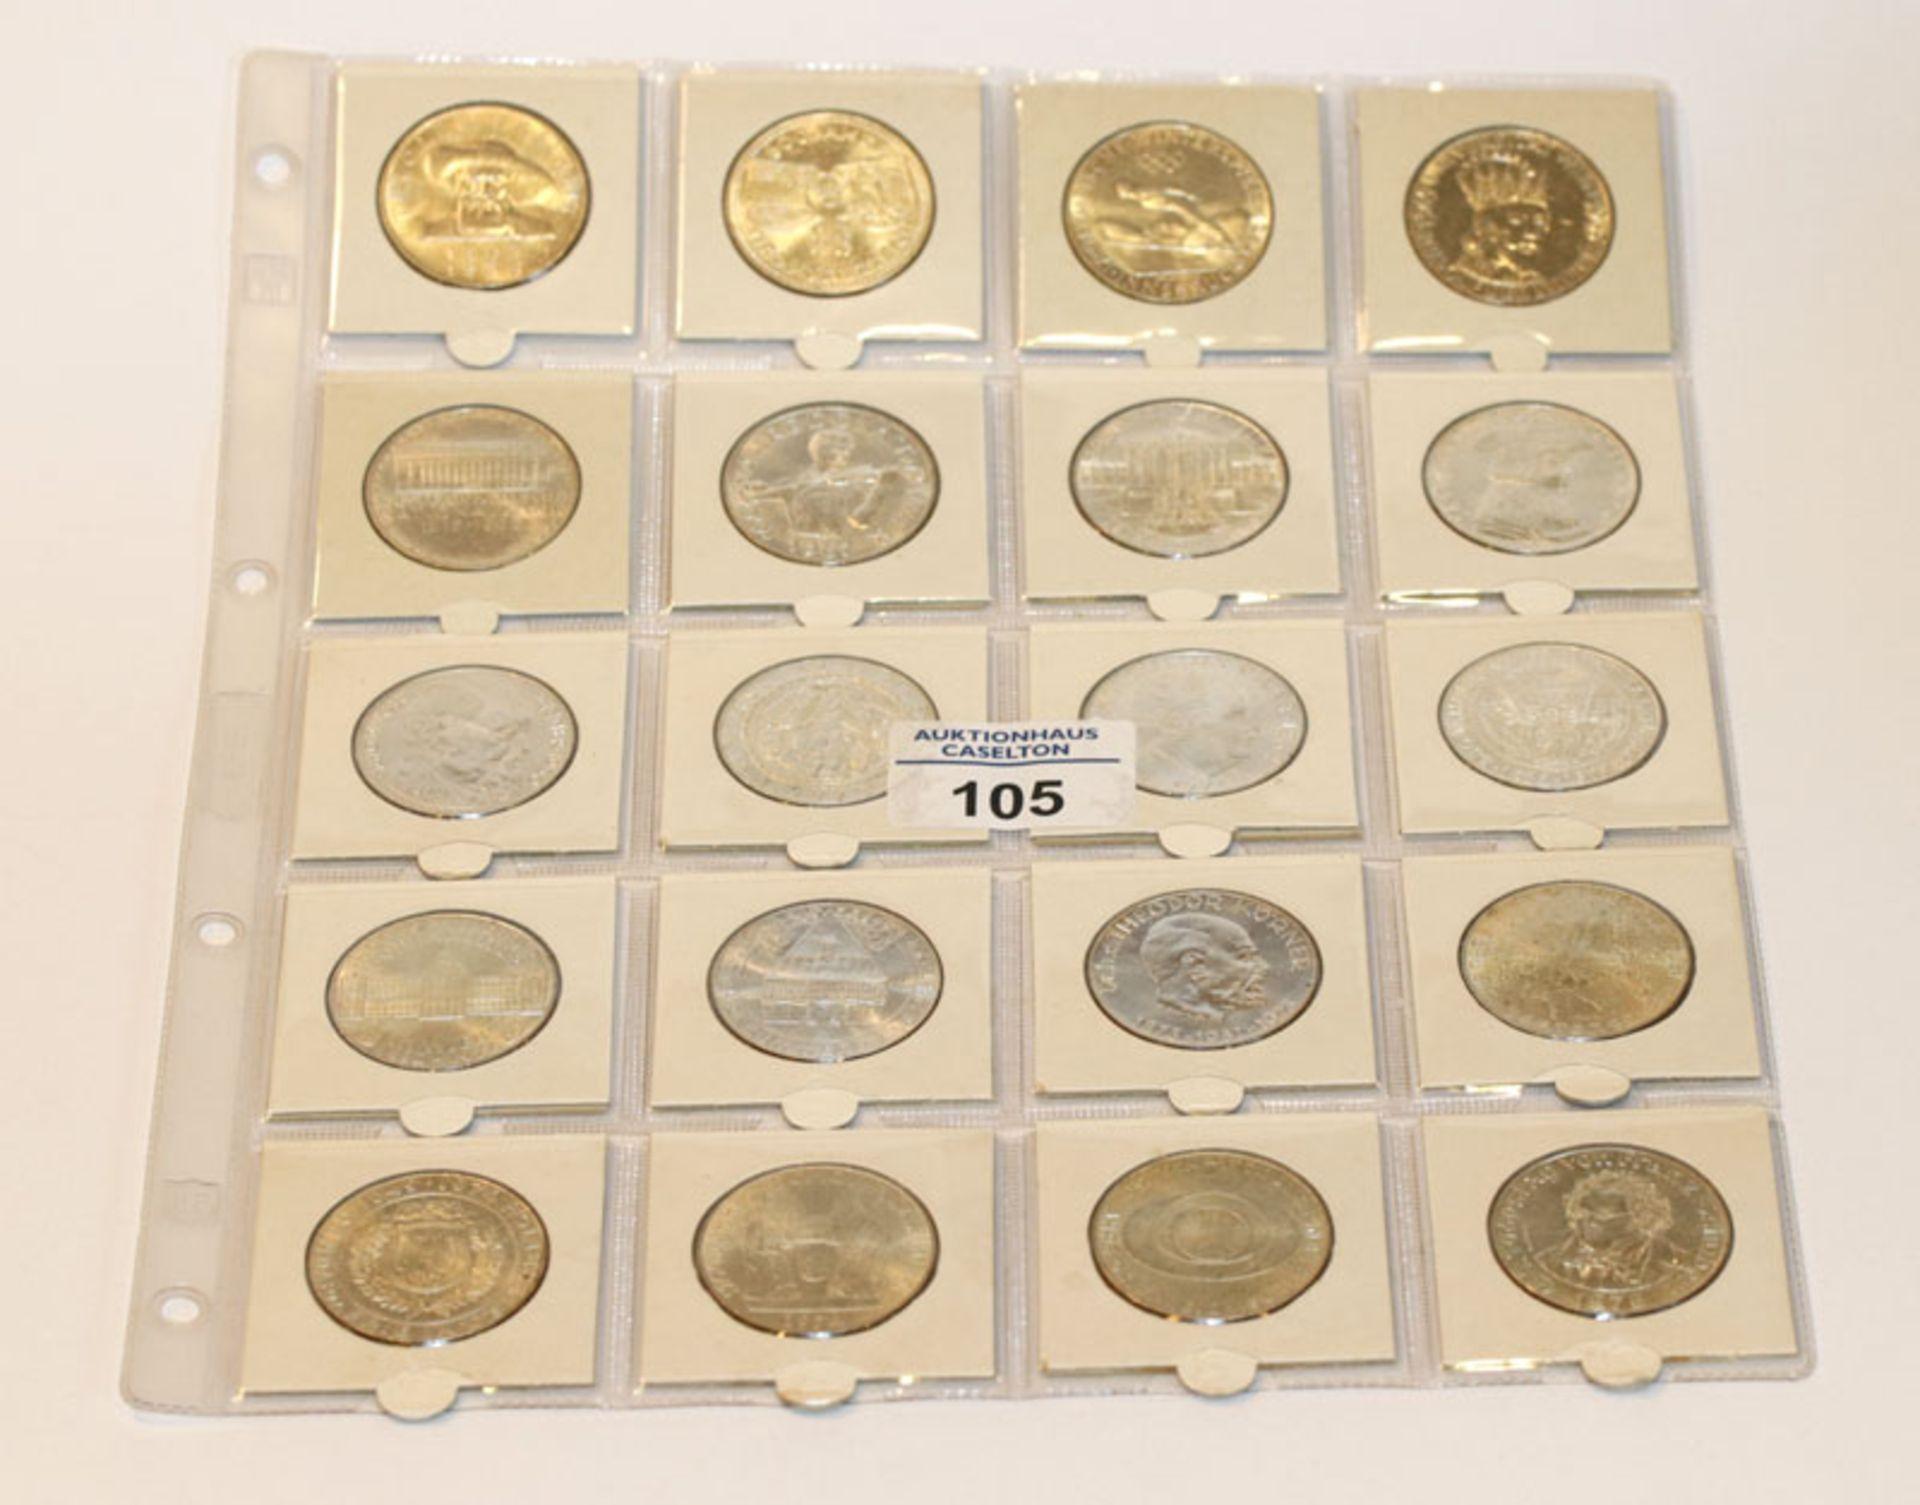 Satz von 209 Silbermünzen, 50 Schilling Österreich, 334 gr. Feinsilber